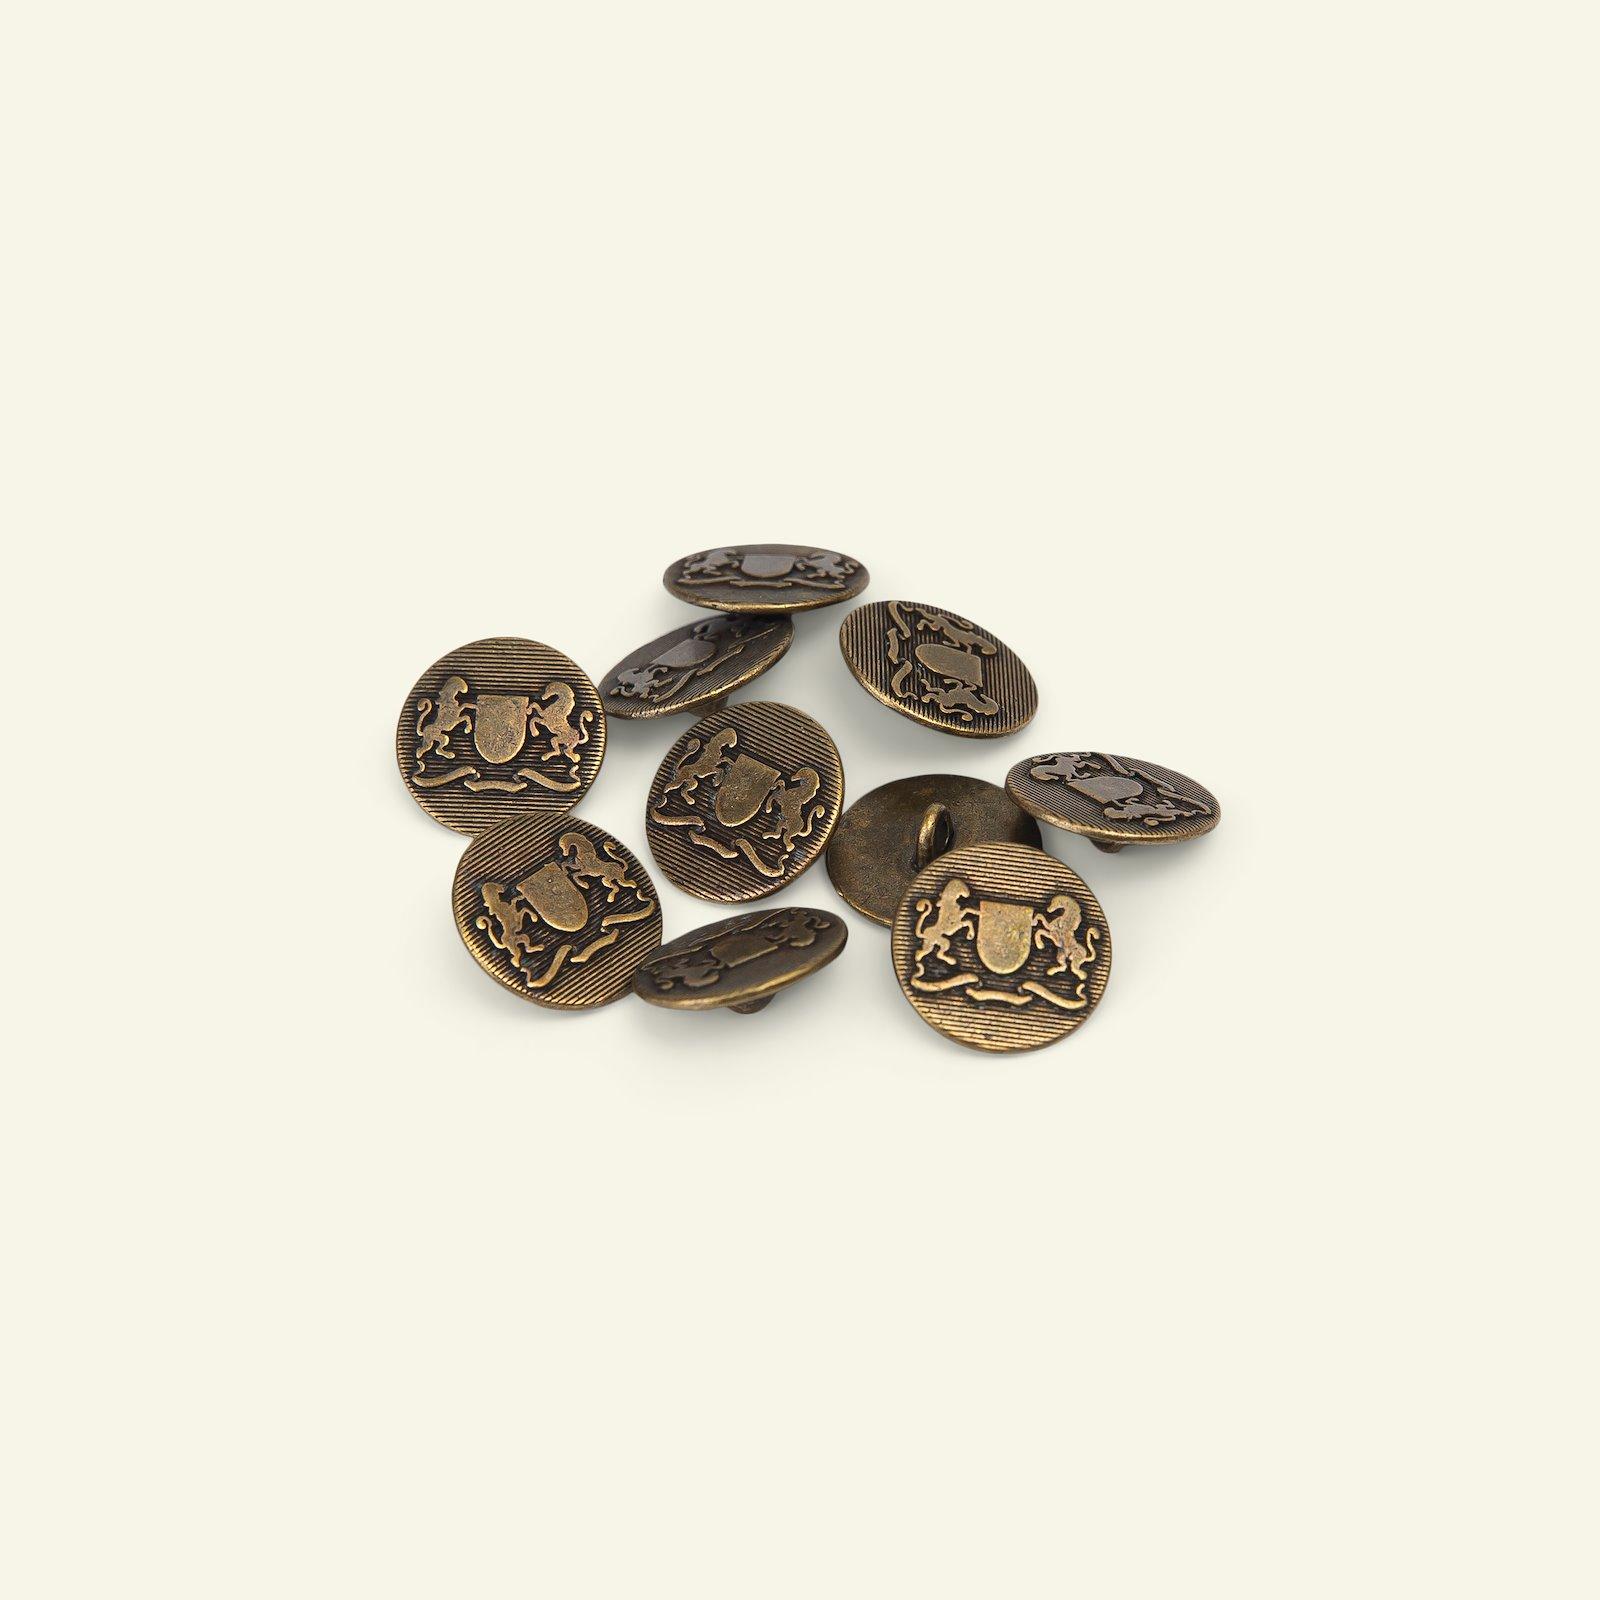 Shank button metal 15mm dark gold 10pcs 33588_pack